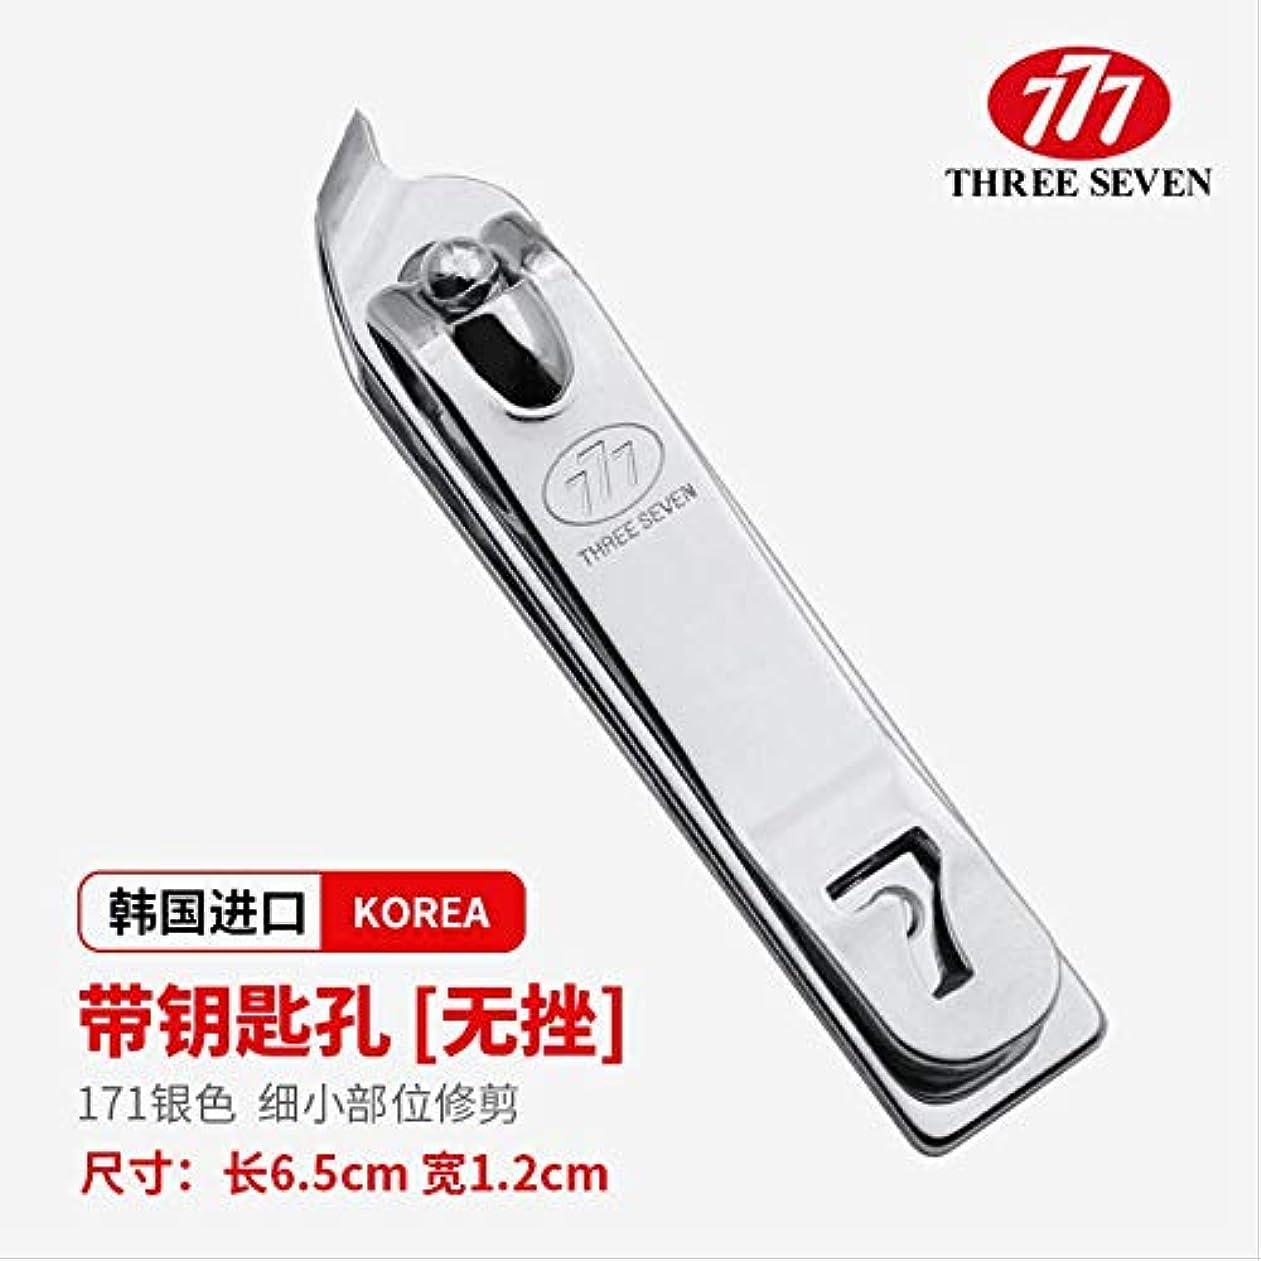 しかしながら請願者衛星韓国777爪切りはさみ元平口斜め爪切り小さな爪切り大本物 CT-171